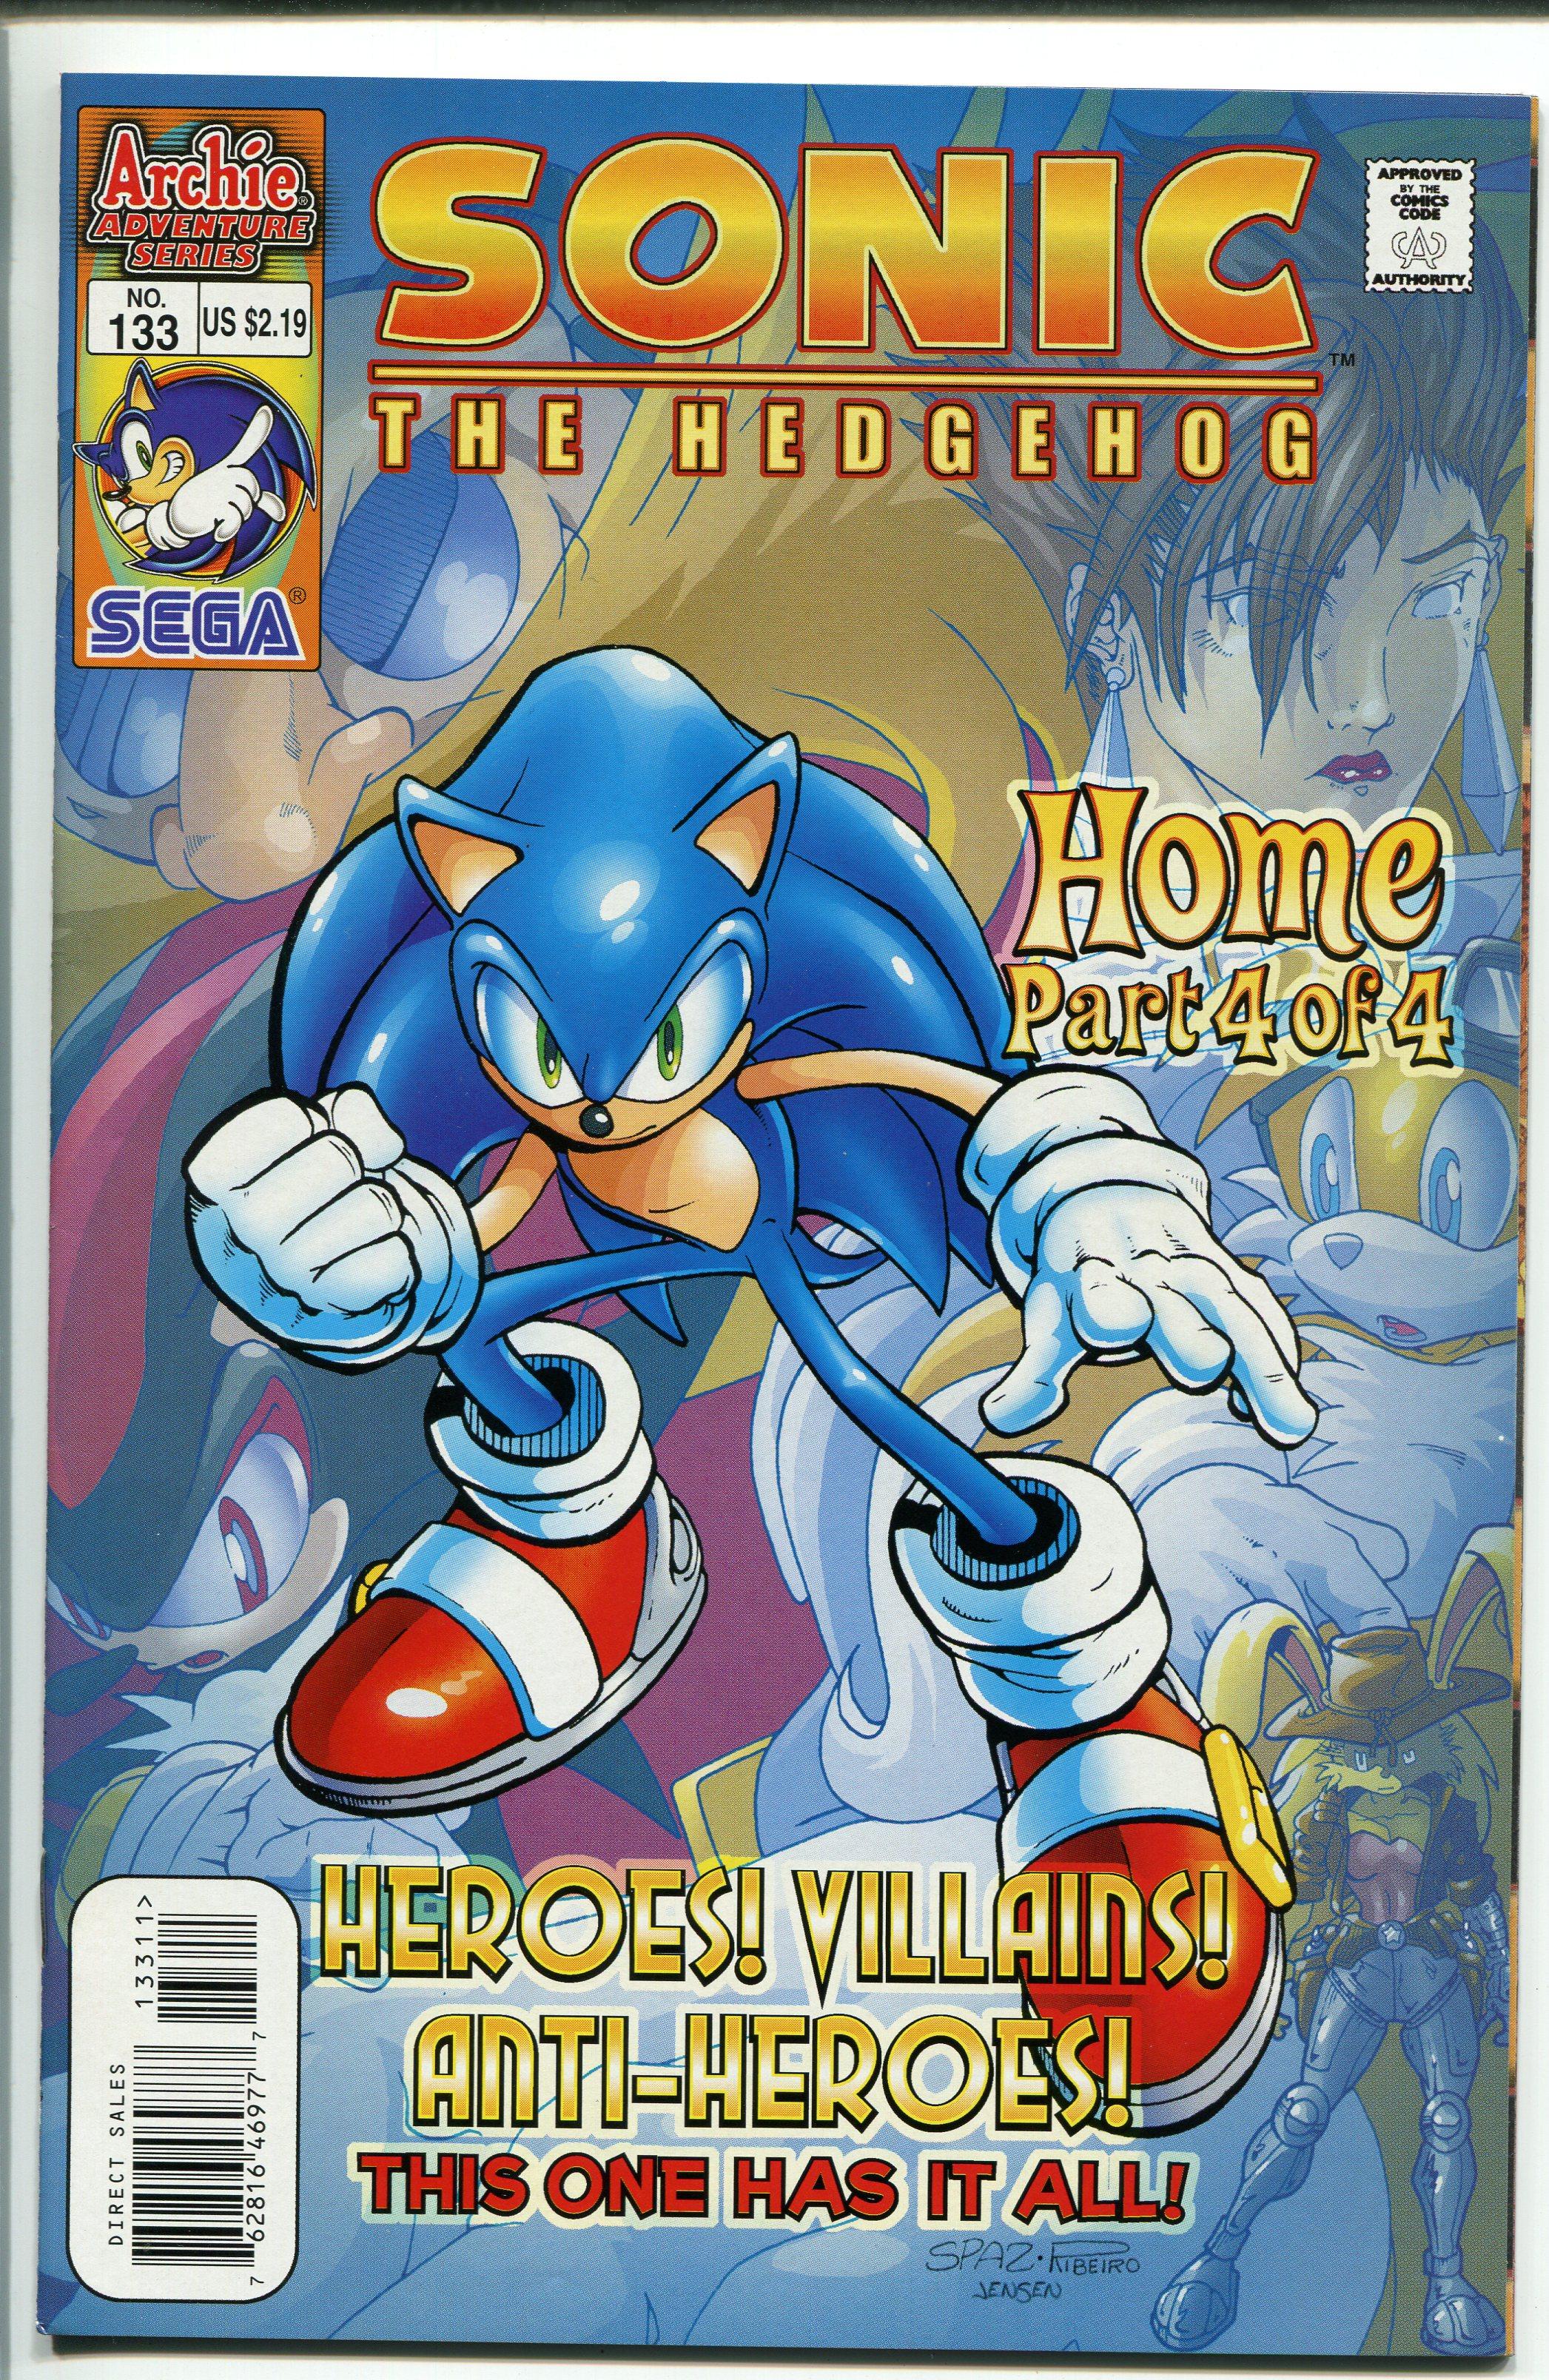 Sonic The Hedgehog 133 2004 Archie Comics Sega Nm 2004 Comic Dta Collectibles